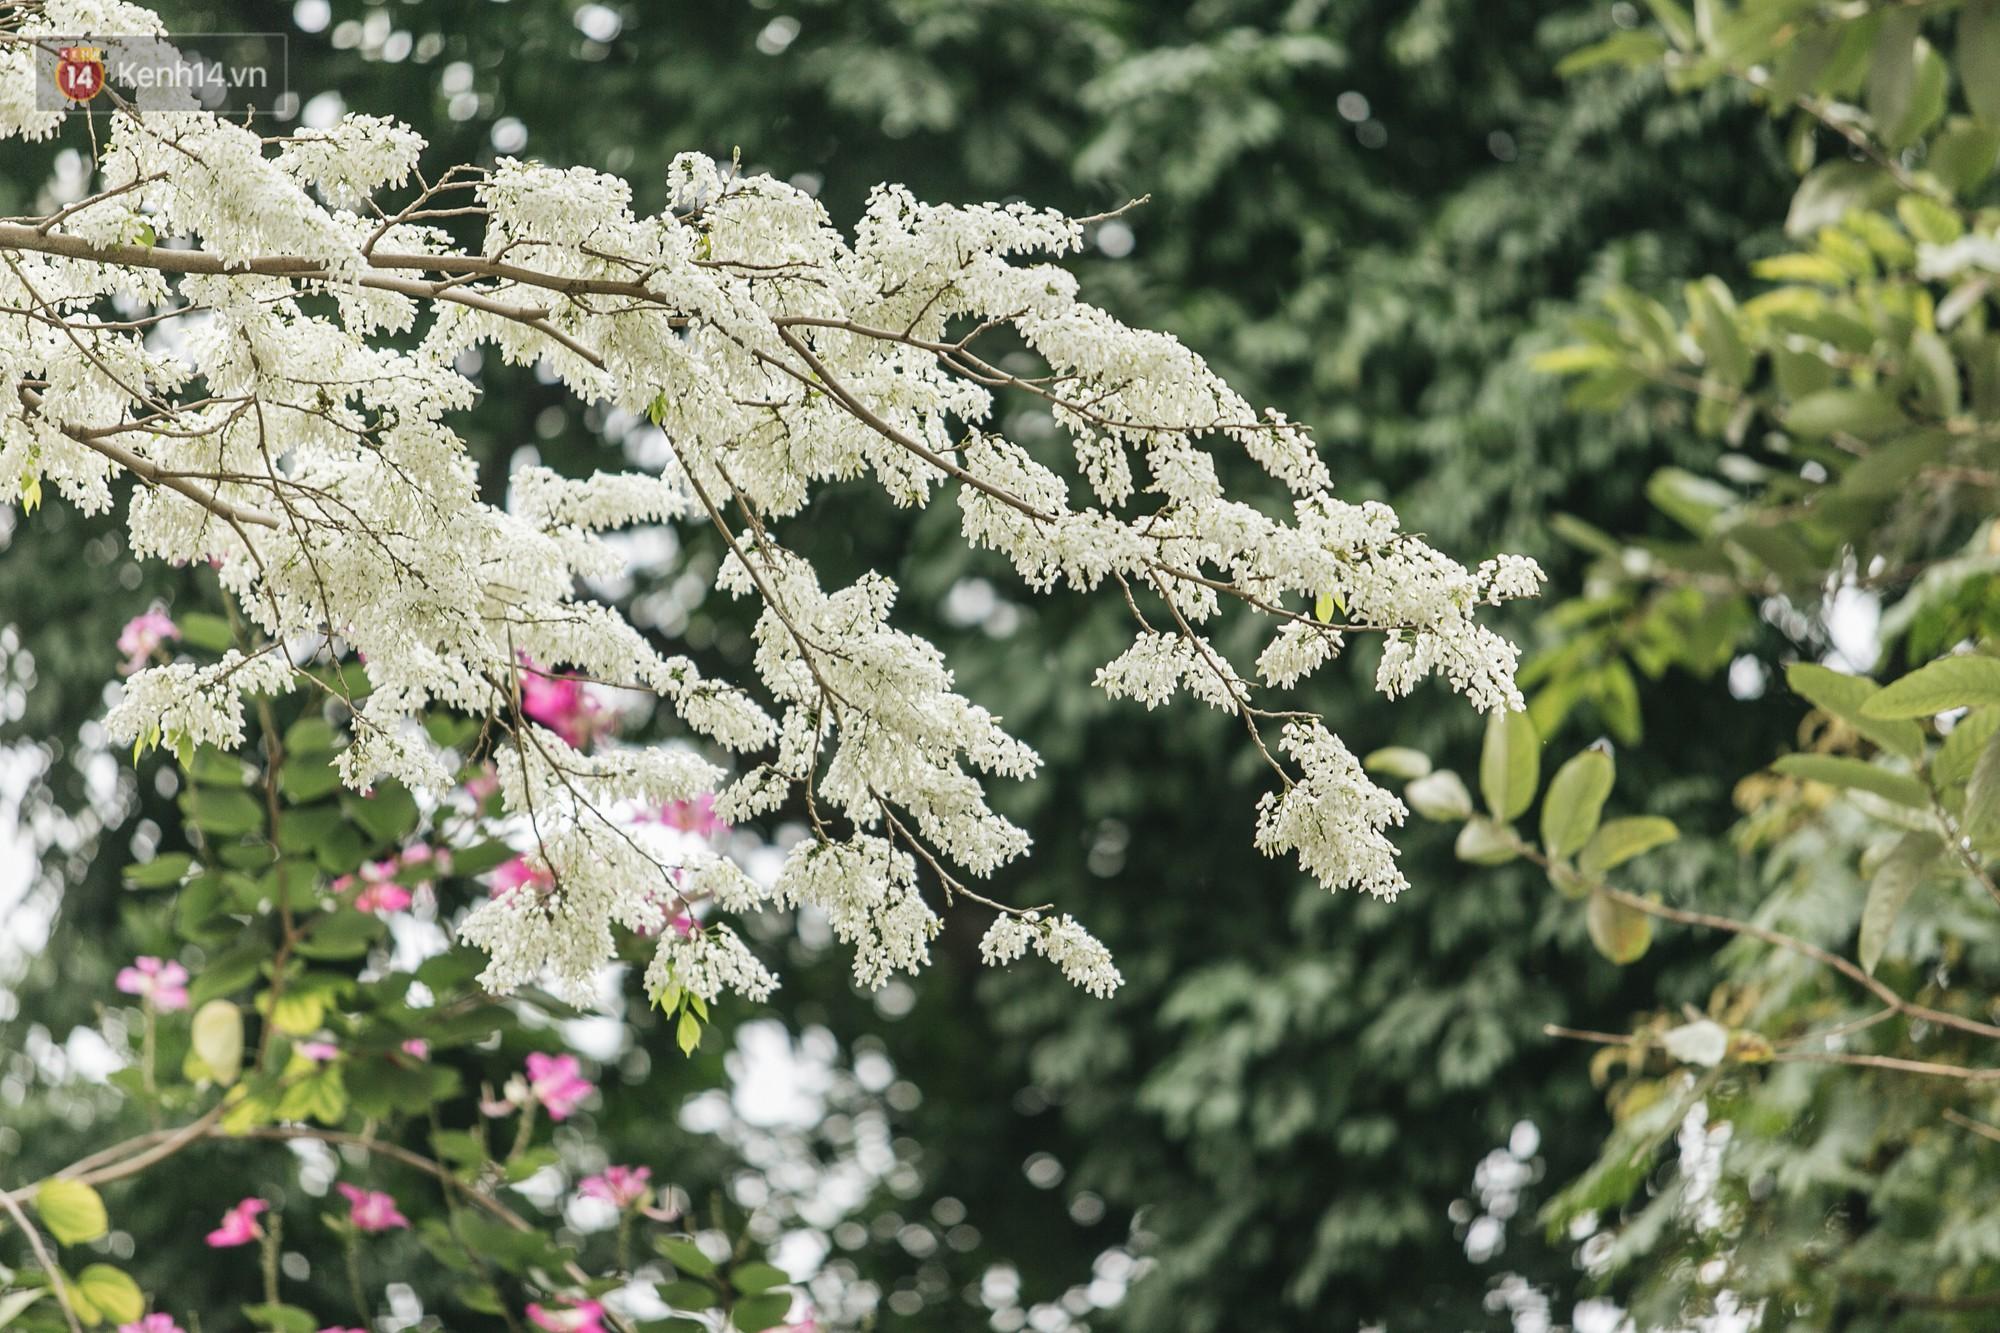 Không cần lên Tây Bắc, hoa ban vẫn bừng nở giữa đất trời Hà Nội cho người dân thỏa sức check-in - Ảnh 10.